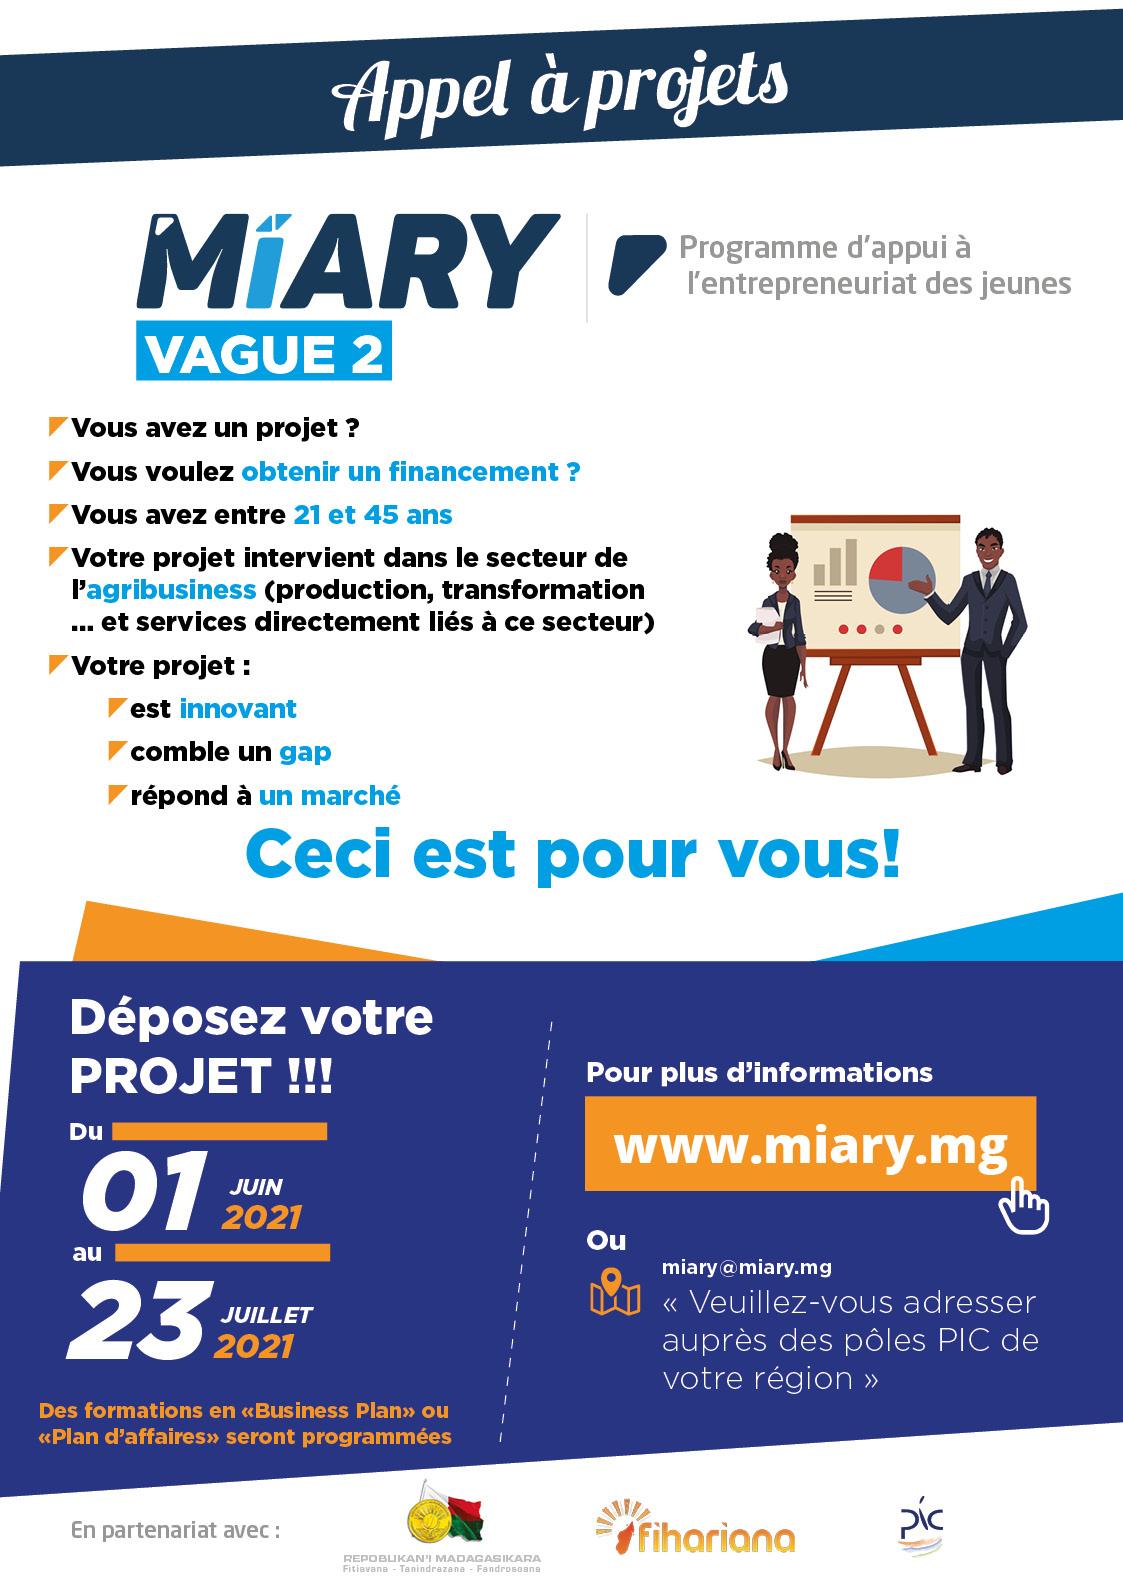 Miary Vague 2